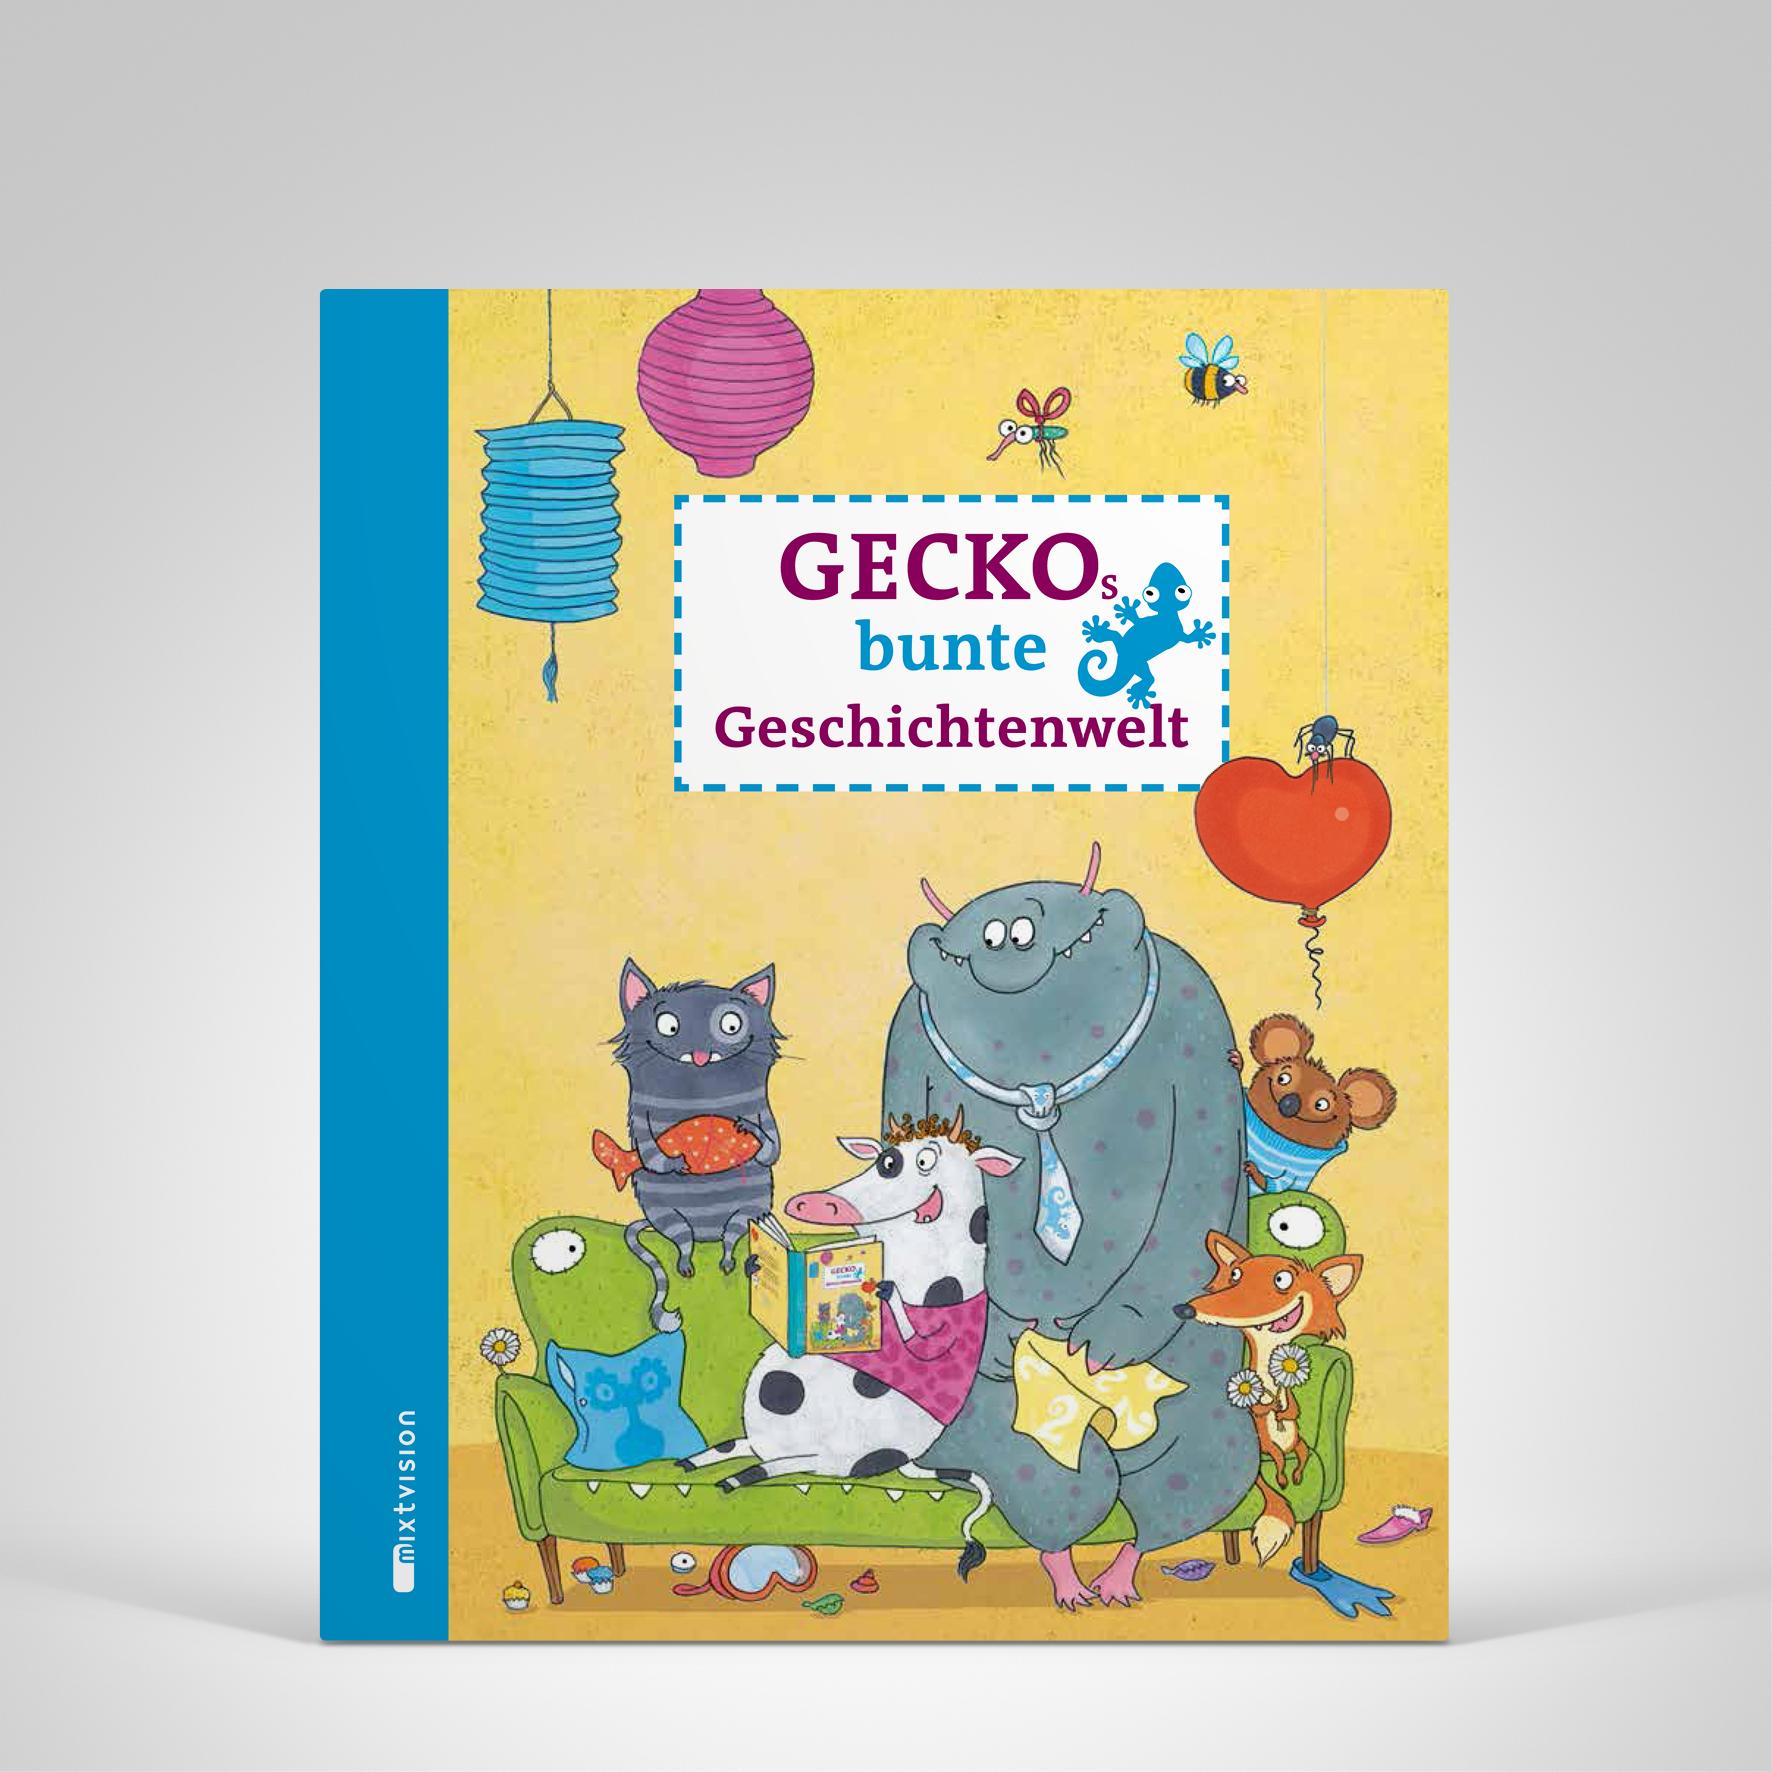 Geckos bunte Geschichtenwelt, Cover-Abbildung